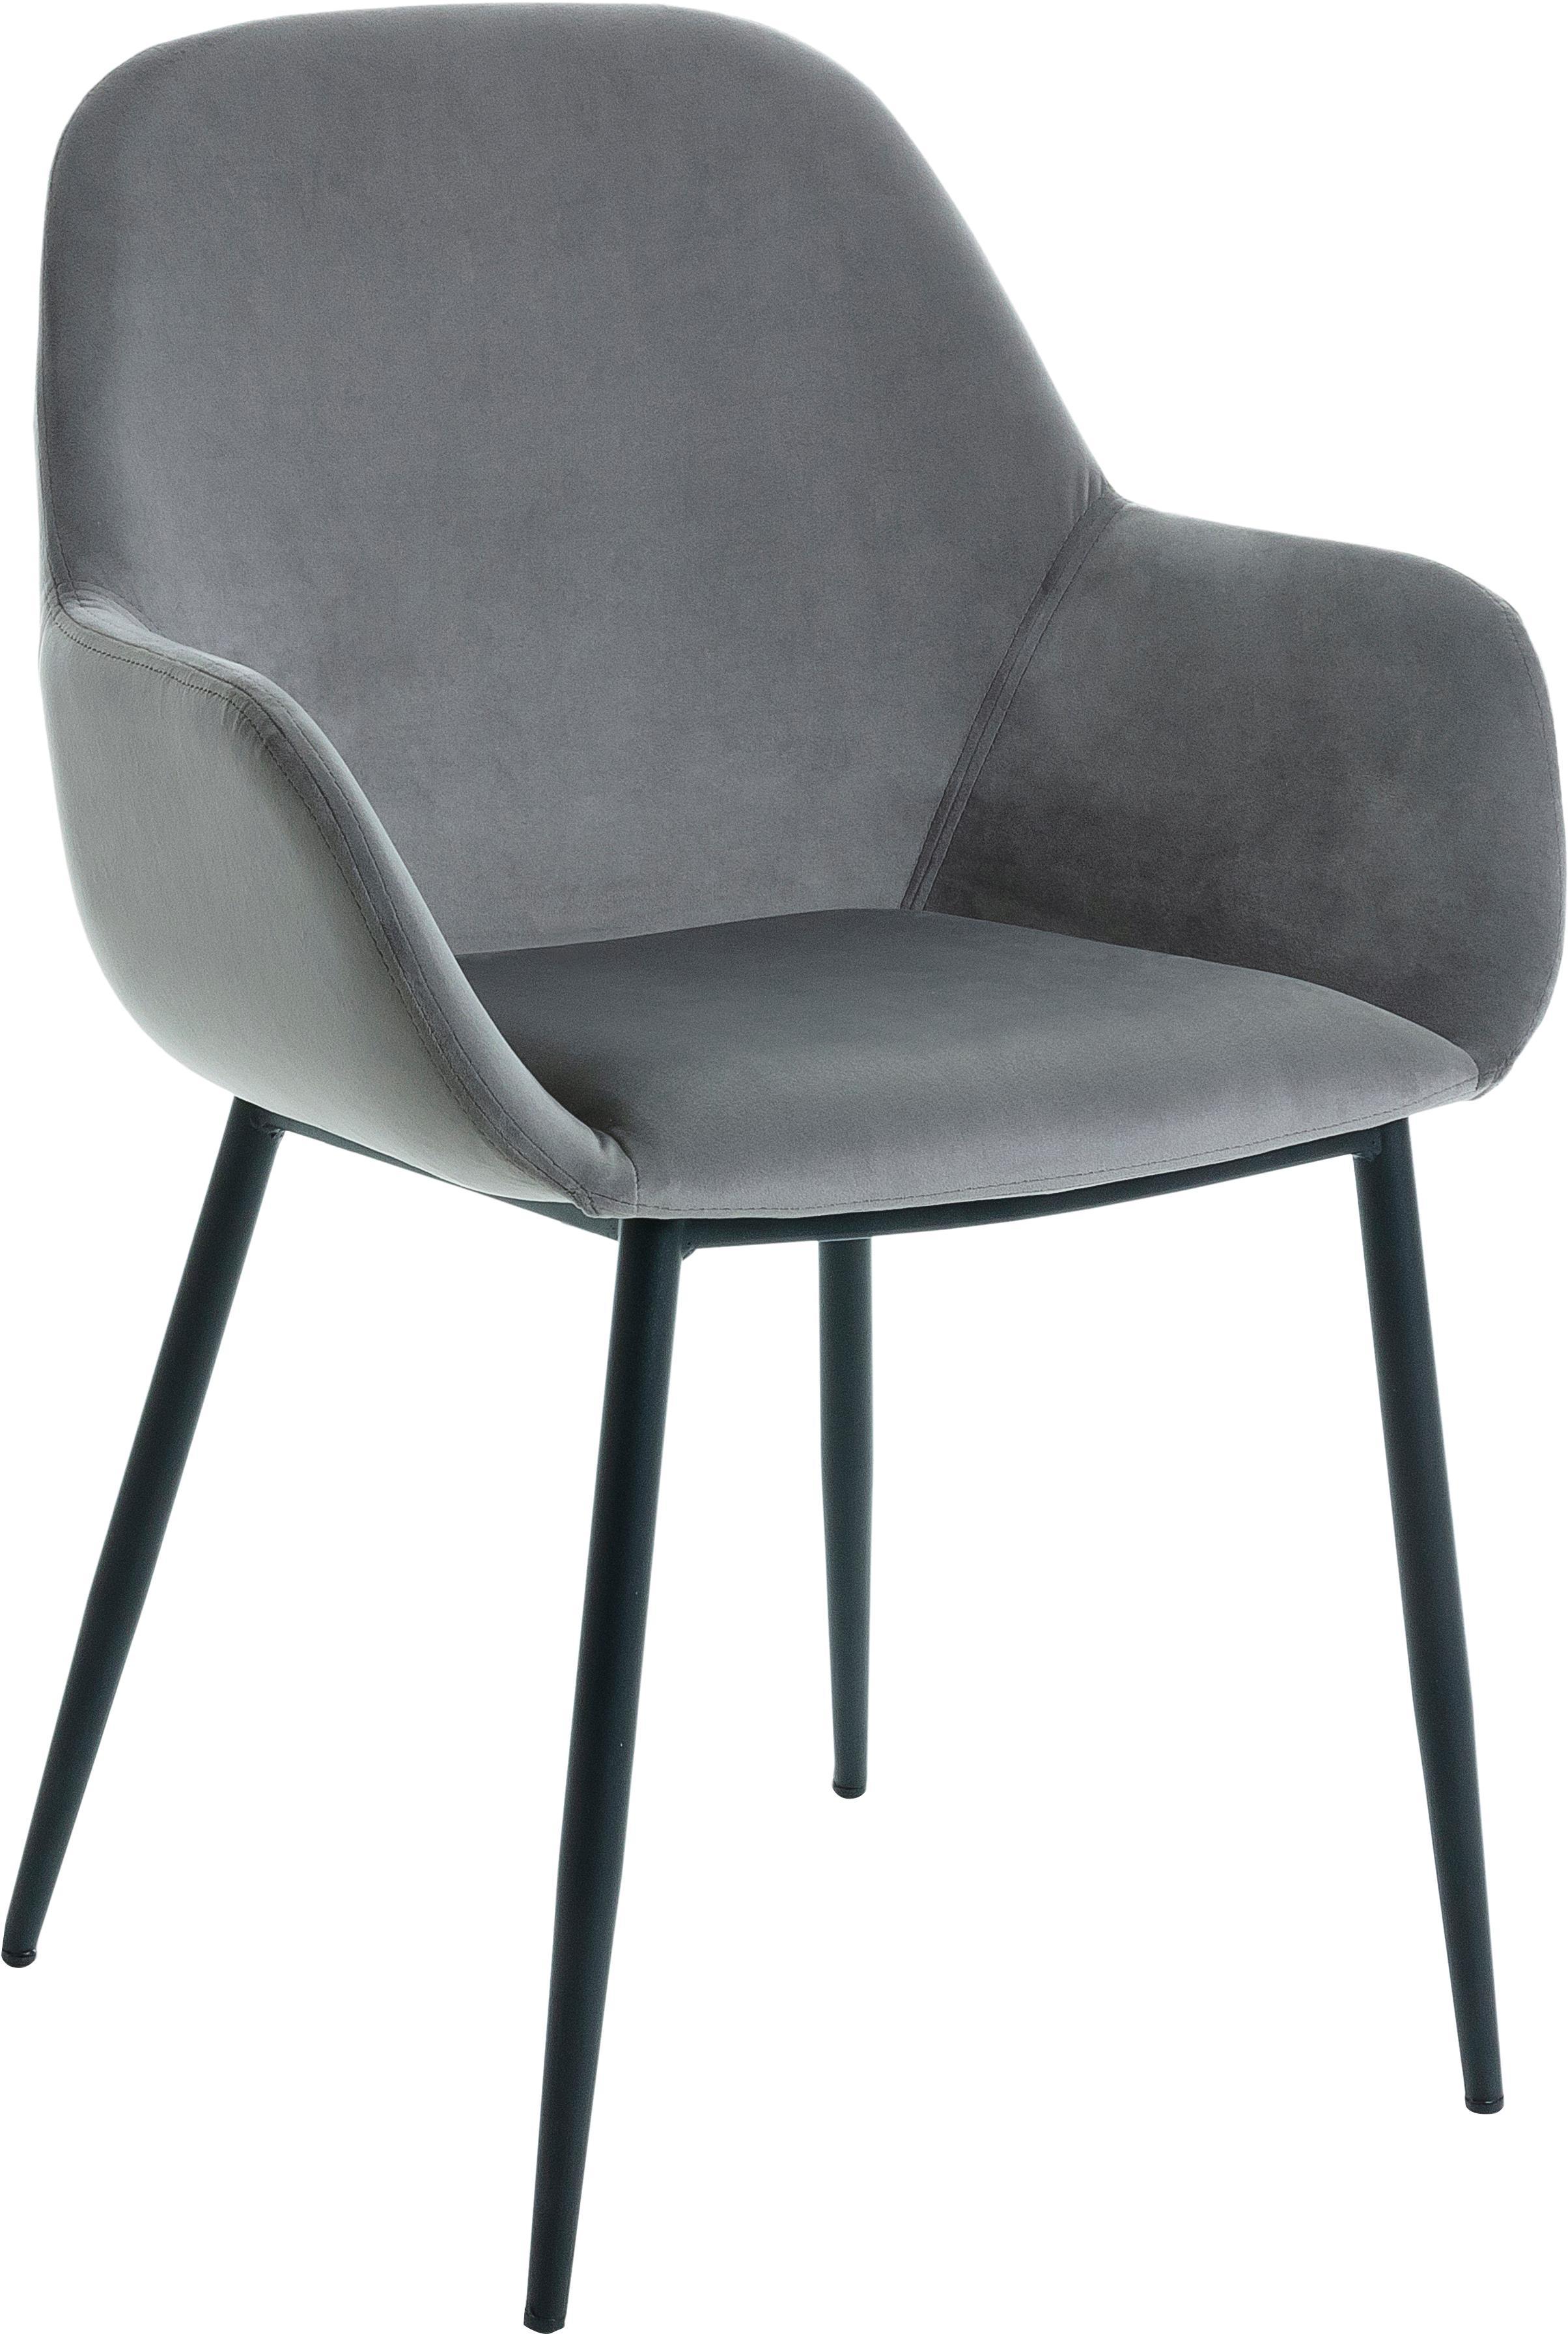 Samt-Armlehnstühle Kona, 2 Stück, Bezug: Polyestersamt 50.000 Sche, Beine: Metall, lackiert, Grau, B 59 x T 56 cm